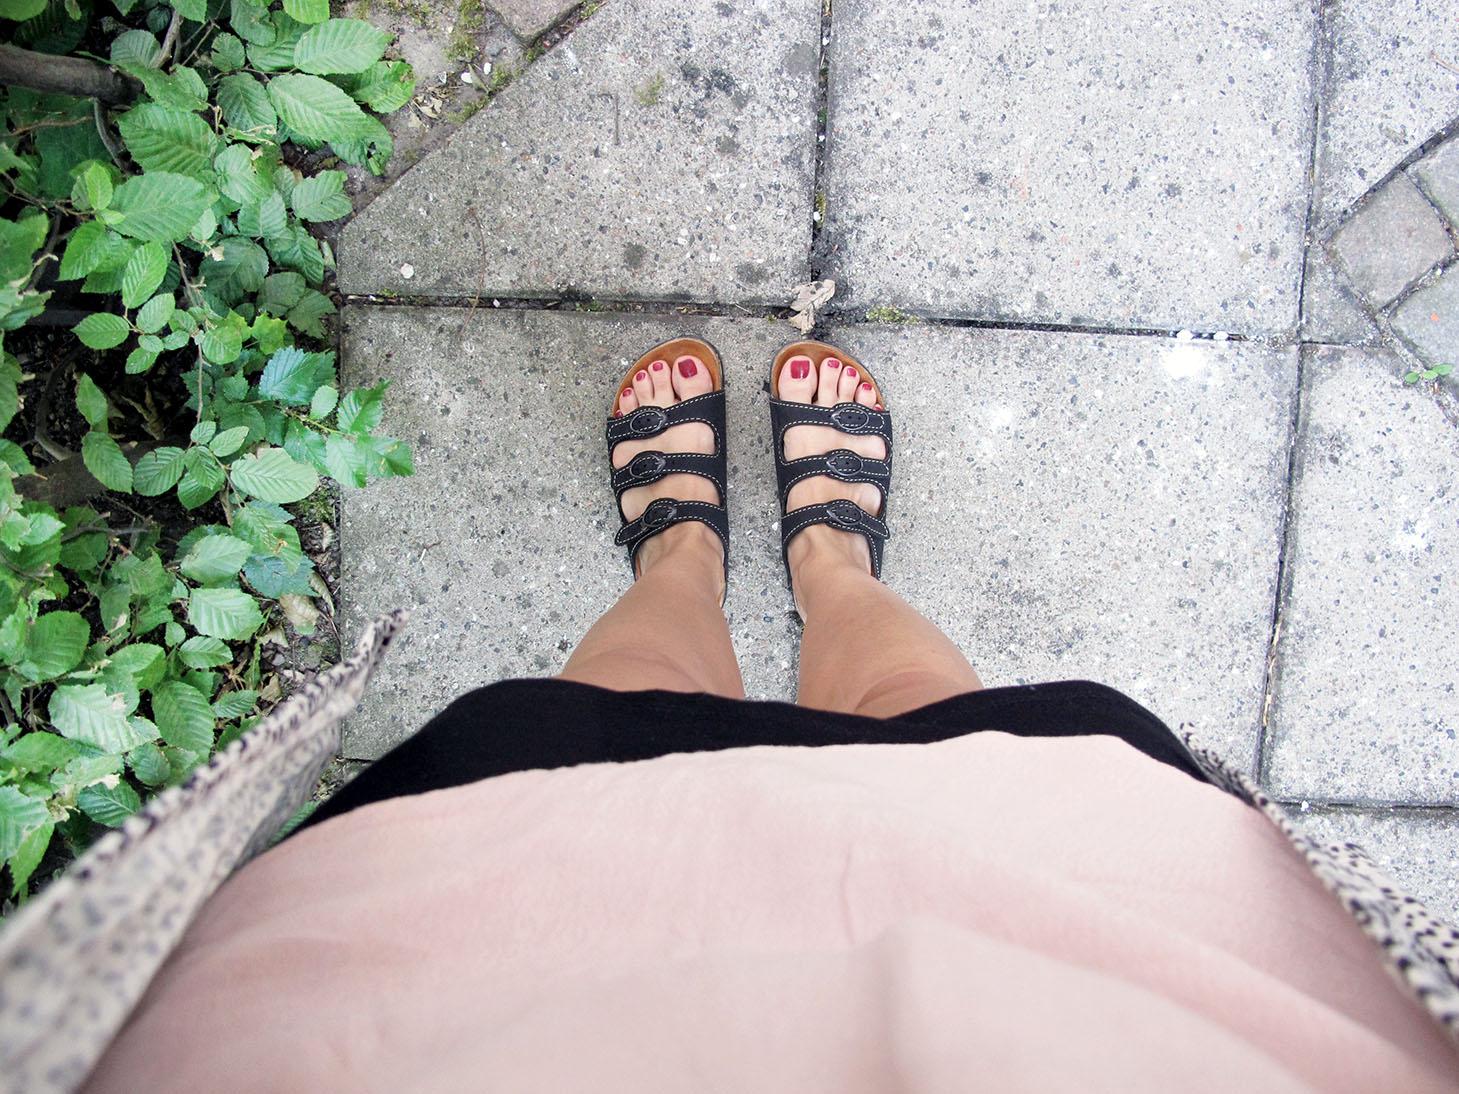 nye sandaler i haven